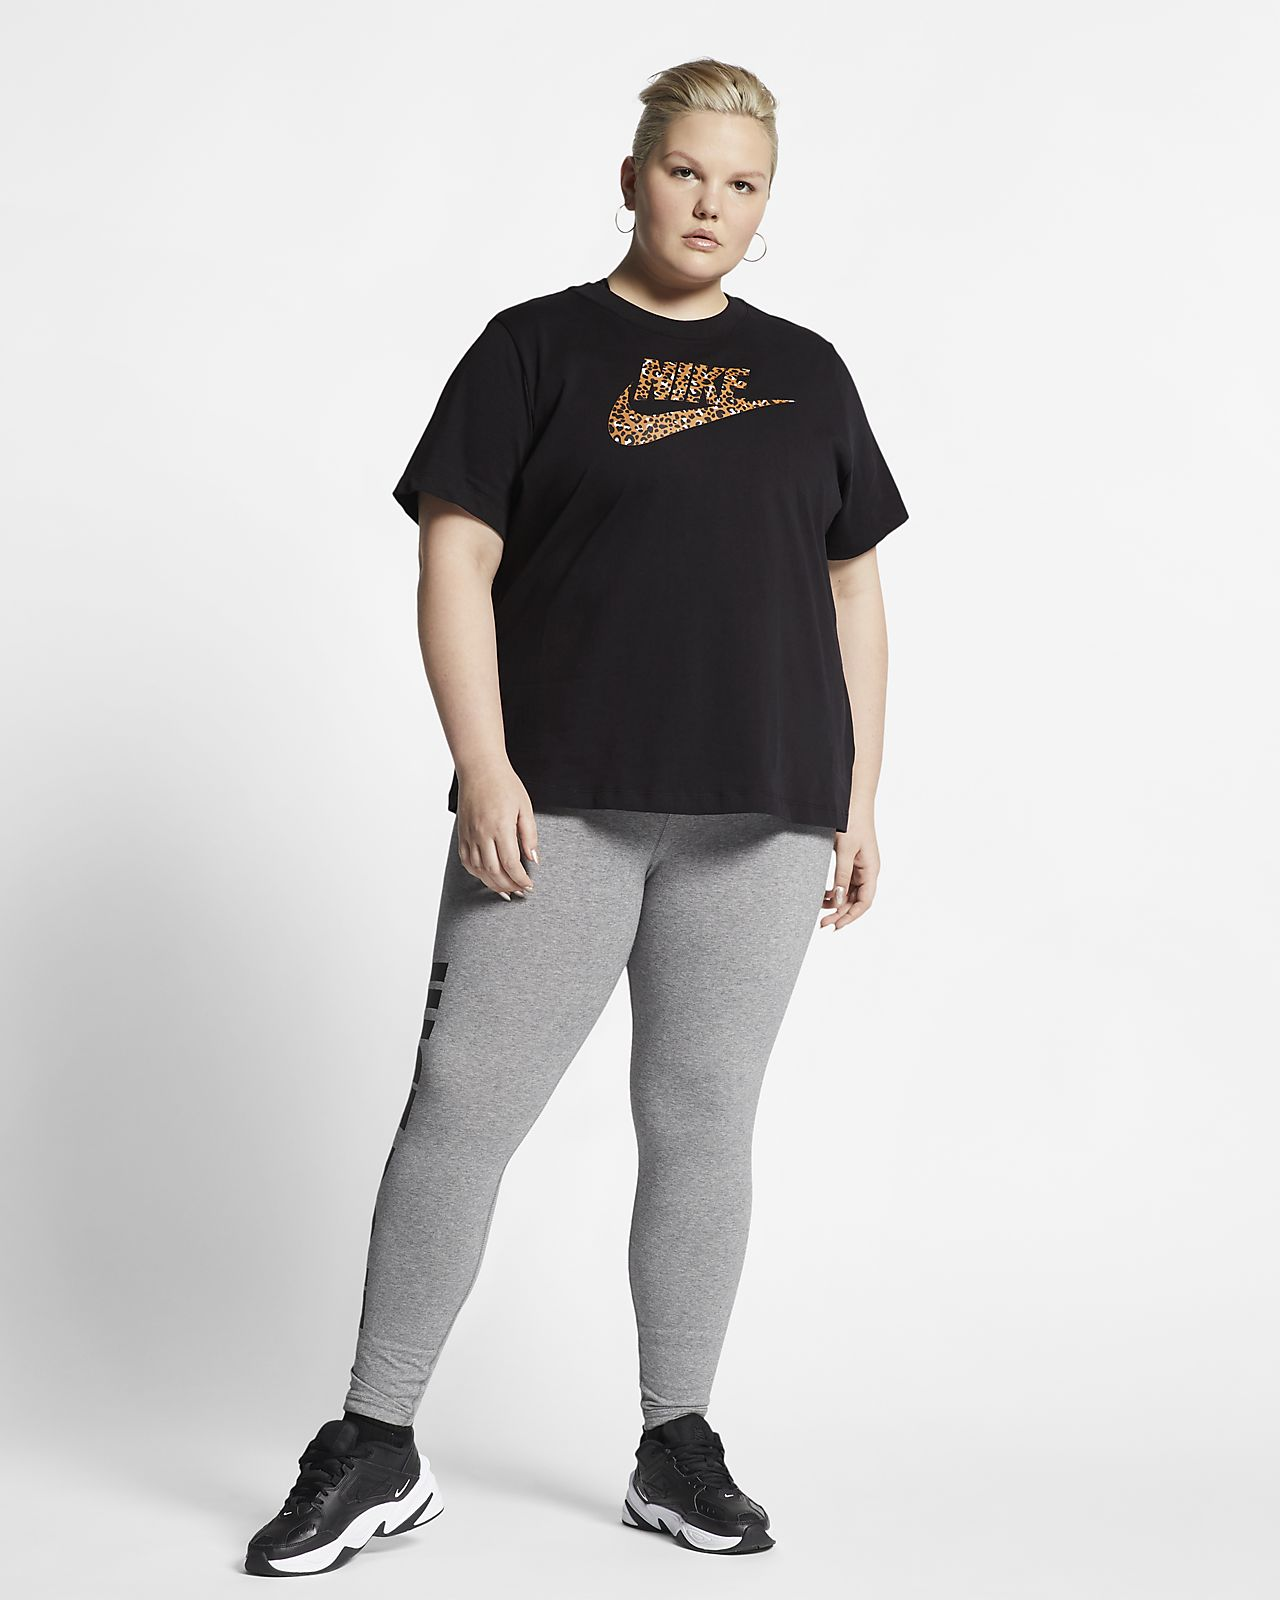 Damska koszulka z krótkim rękawem Nike Sportswear Animal Print (duże rozmiary)